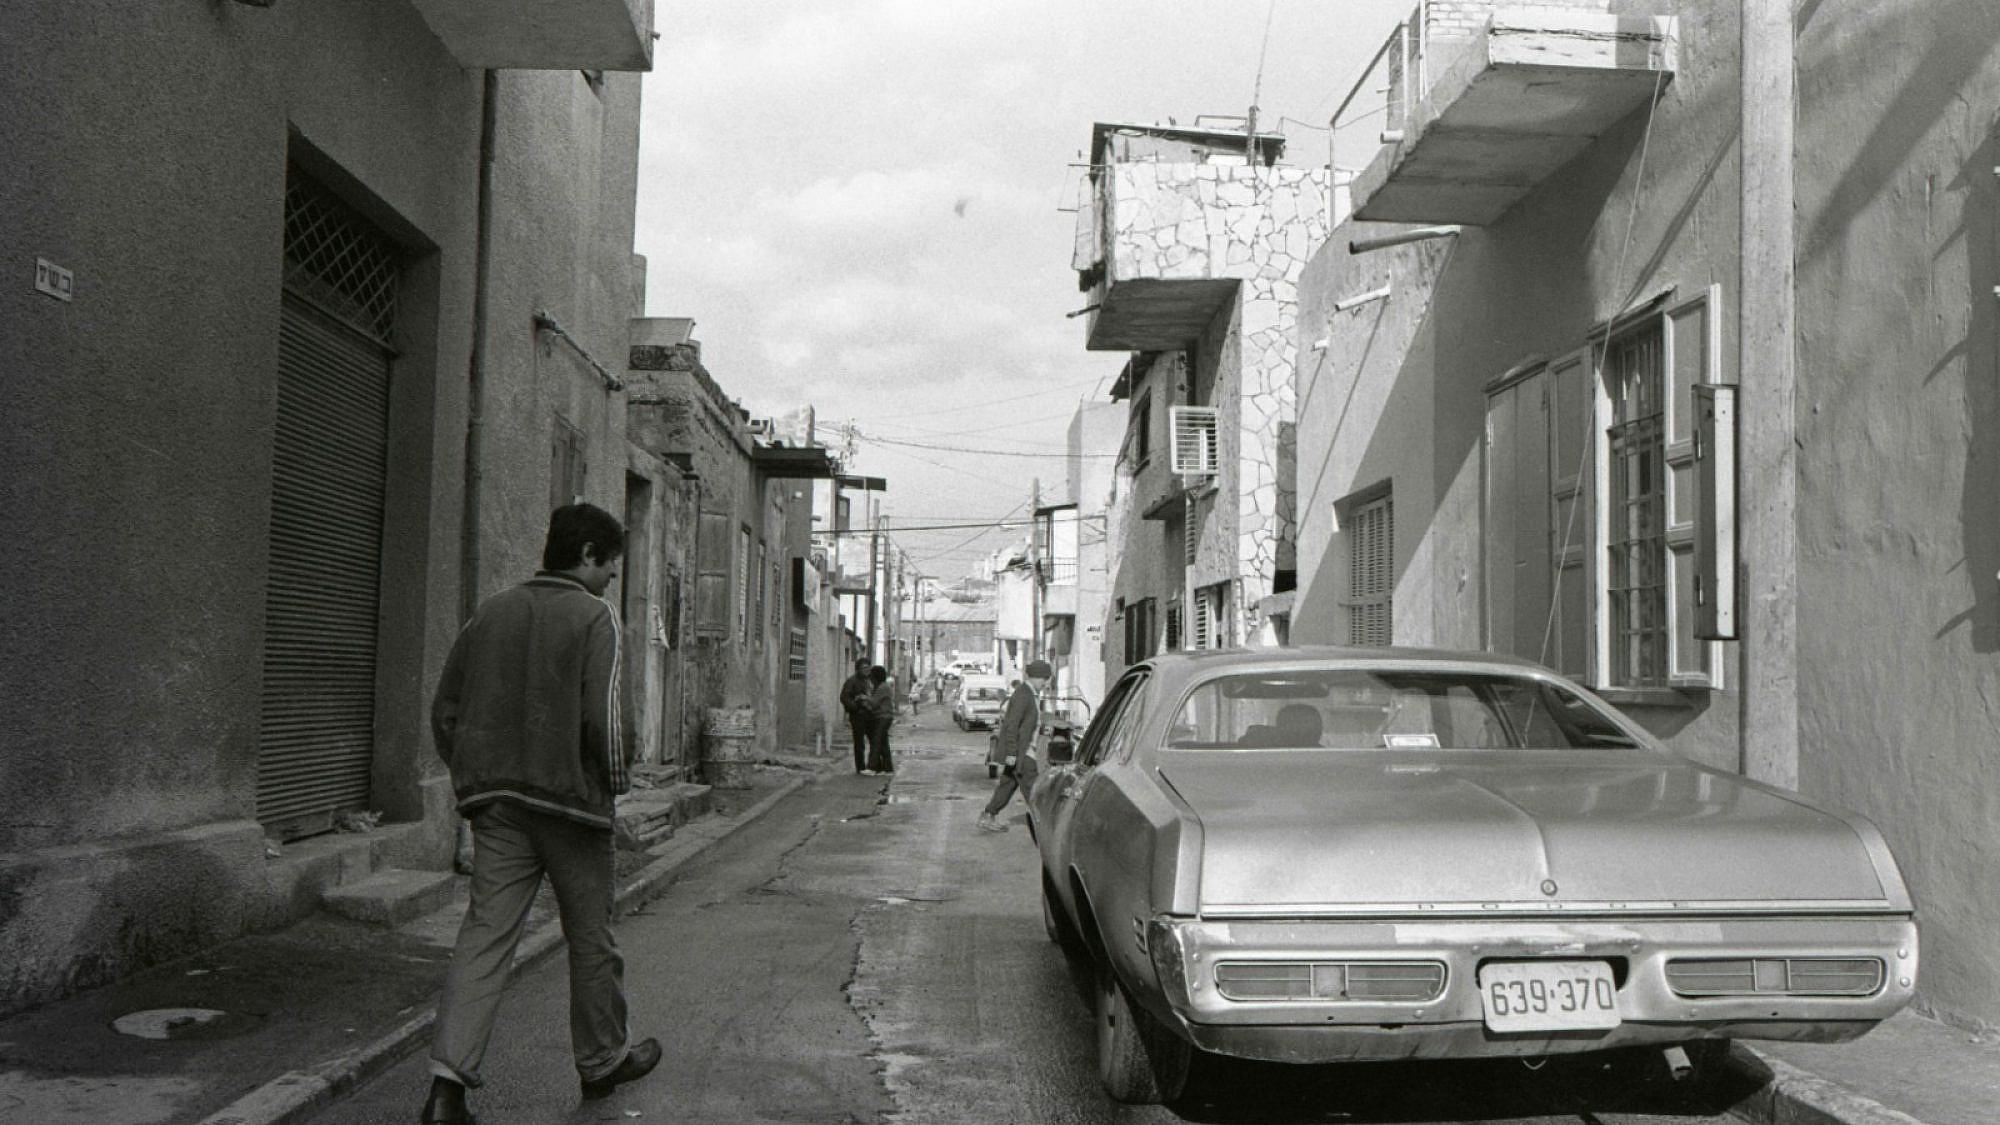 כרם התימנים בשנות ה-70' (צילום: בועז לניר)